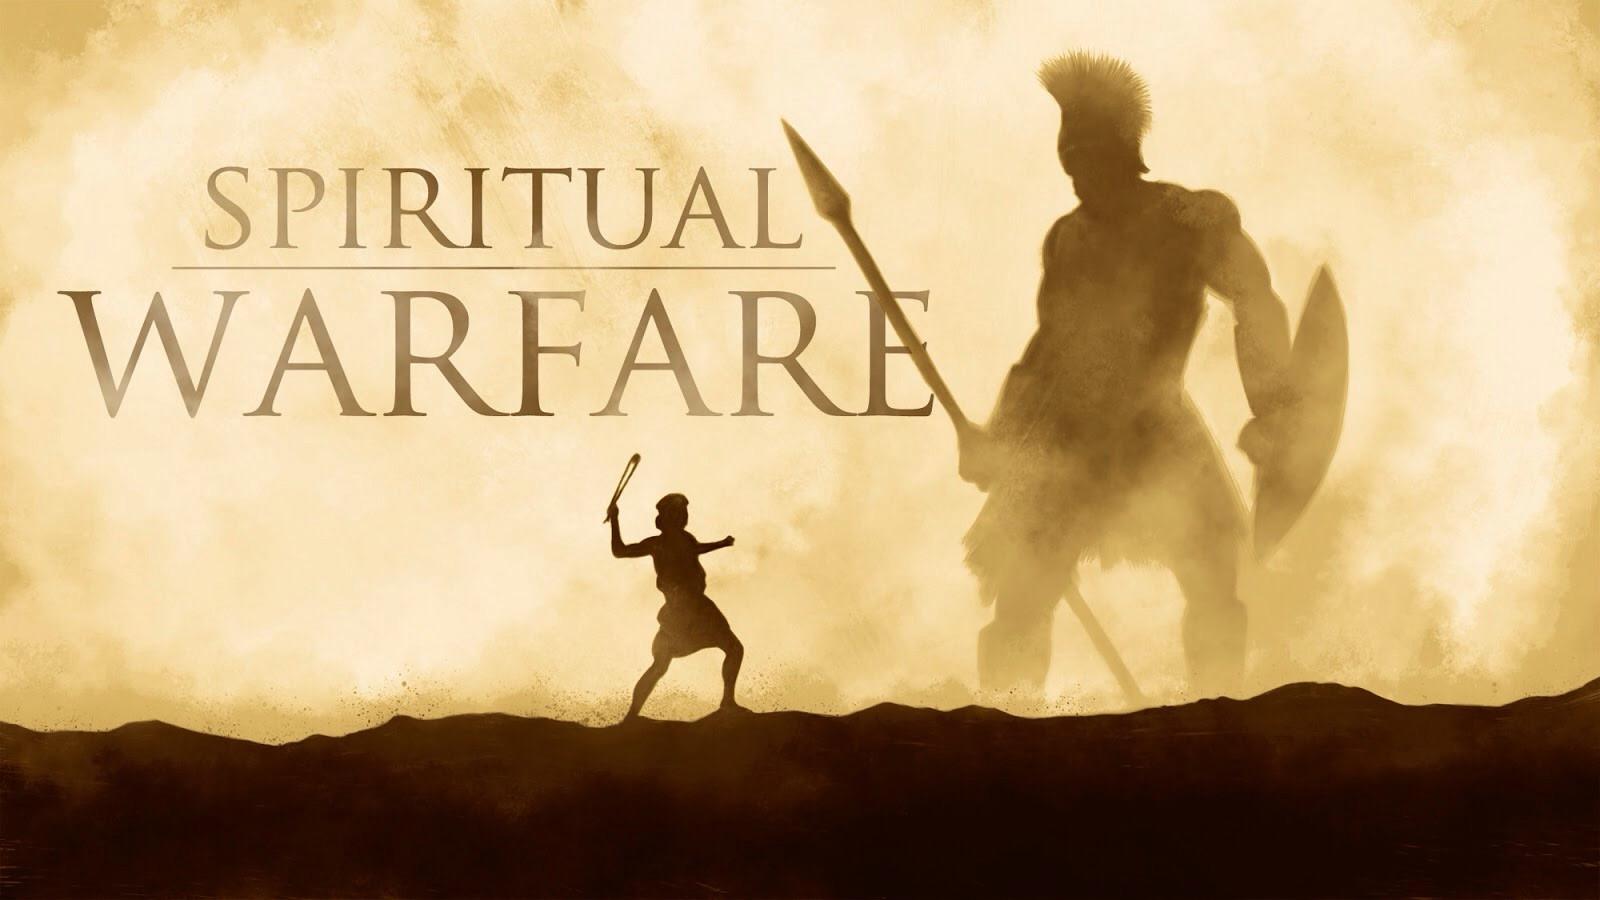 Daily Warfare Prayer